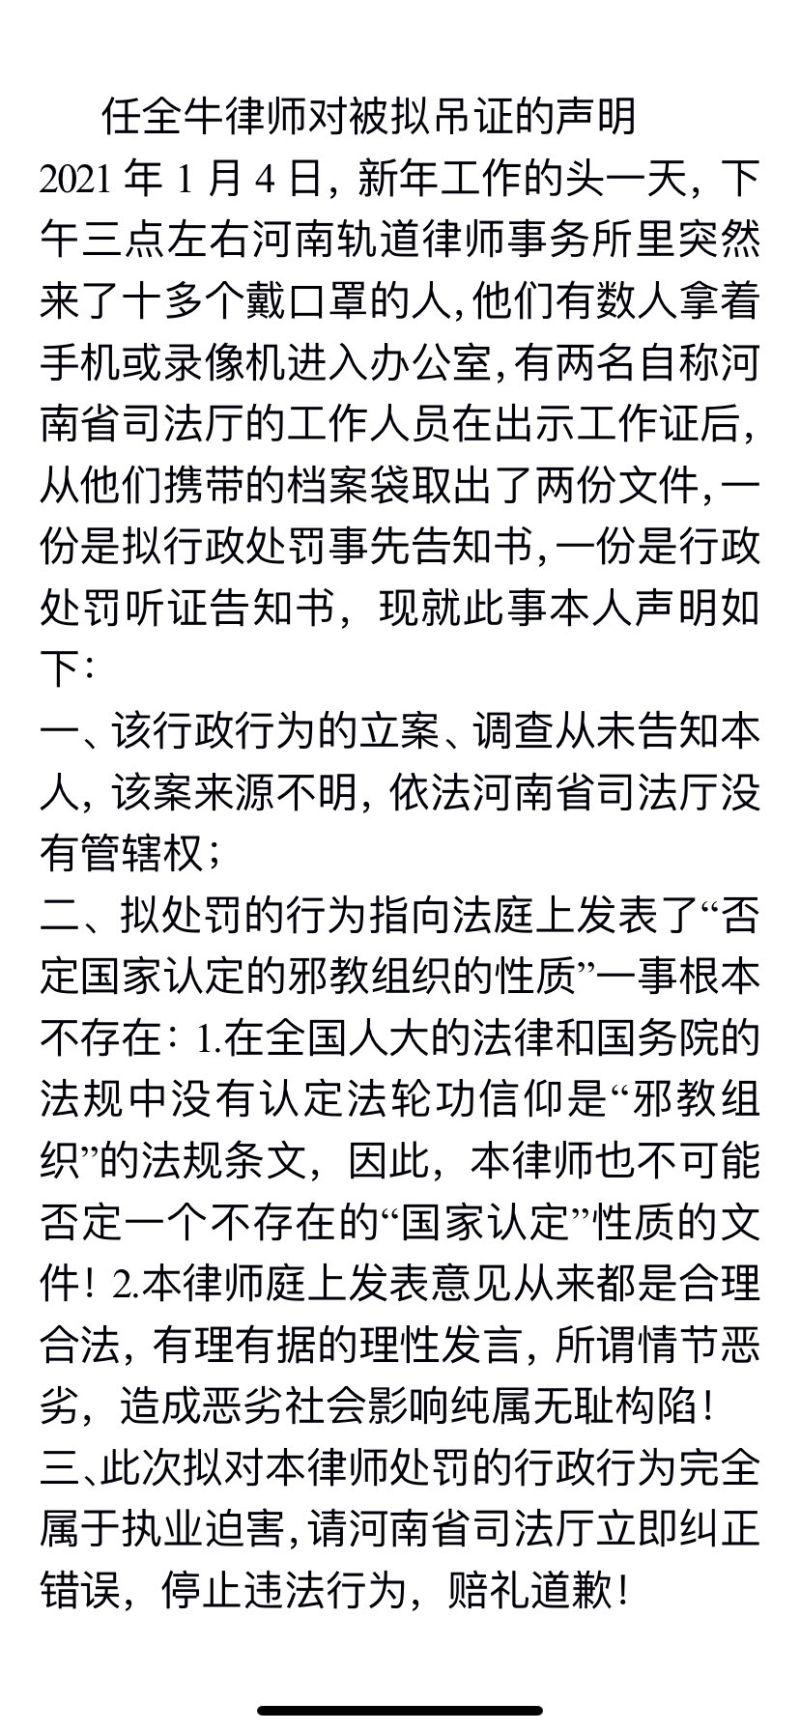 ▲任全牛律師發表對中國當局撤銷證照的自清聲明。(圖/翻攝Twitter)